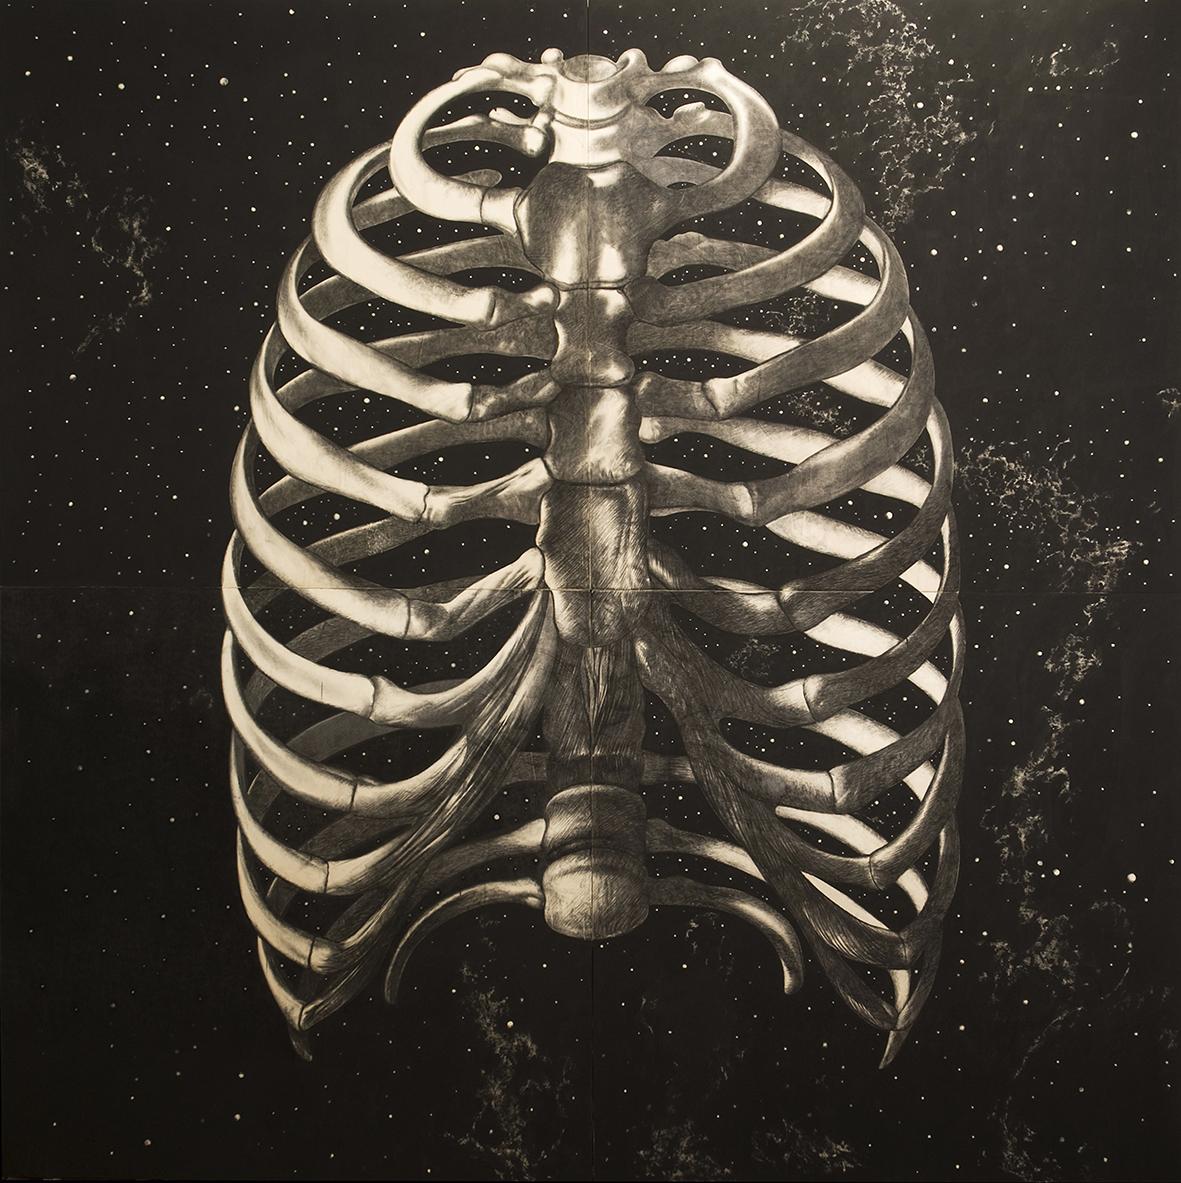 Omar-Galliani-Respiro-2008-matita-nera-e-grafite-su-tavola-cm.-400x400